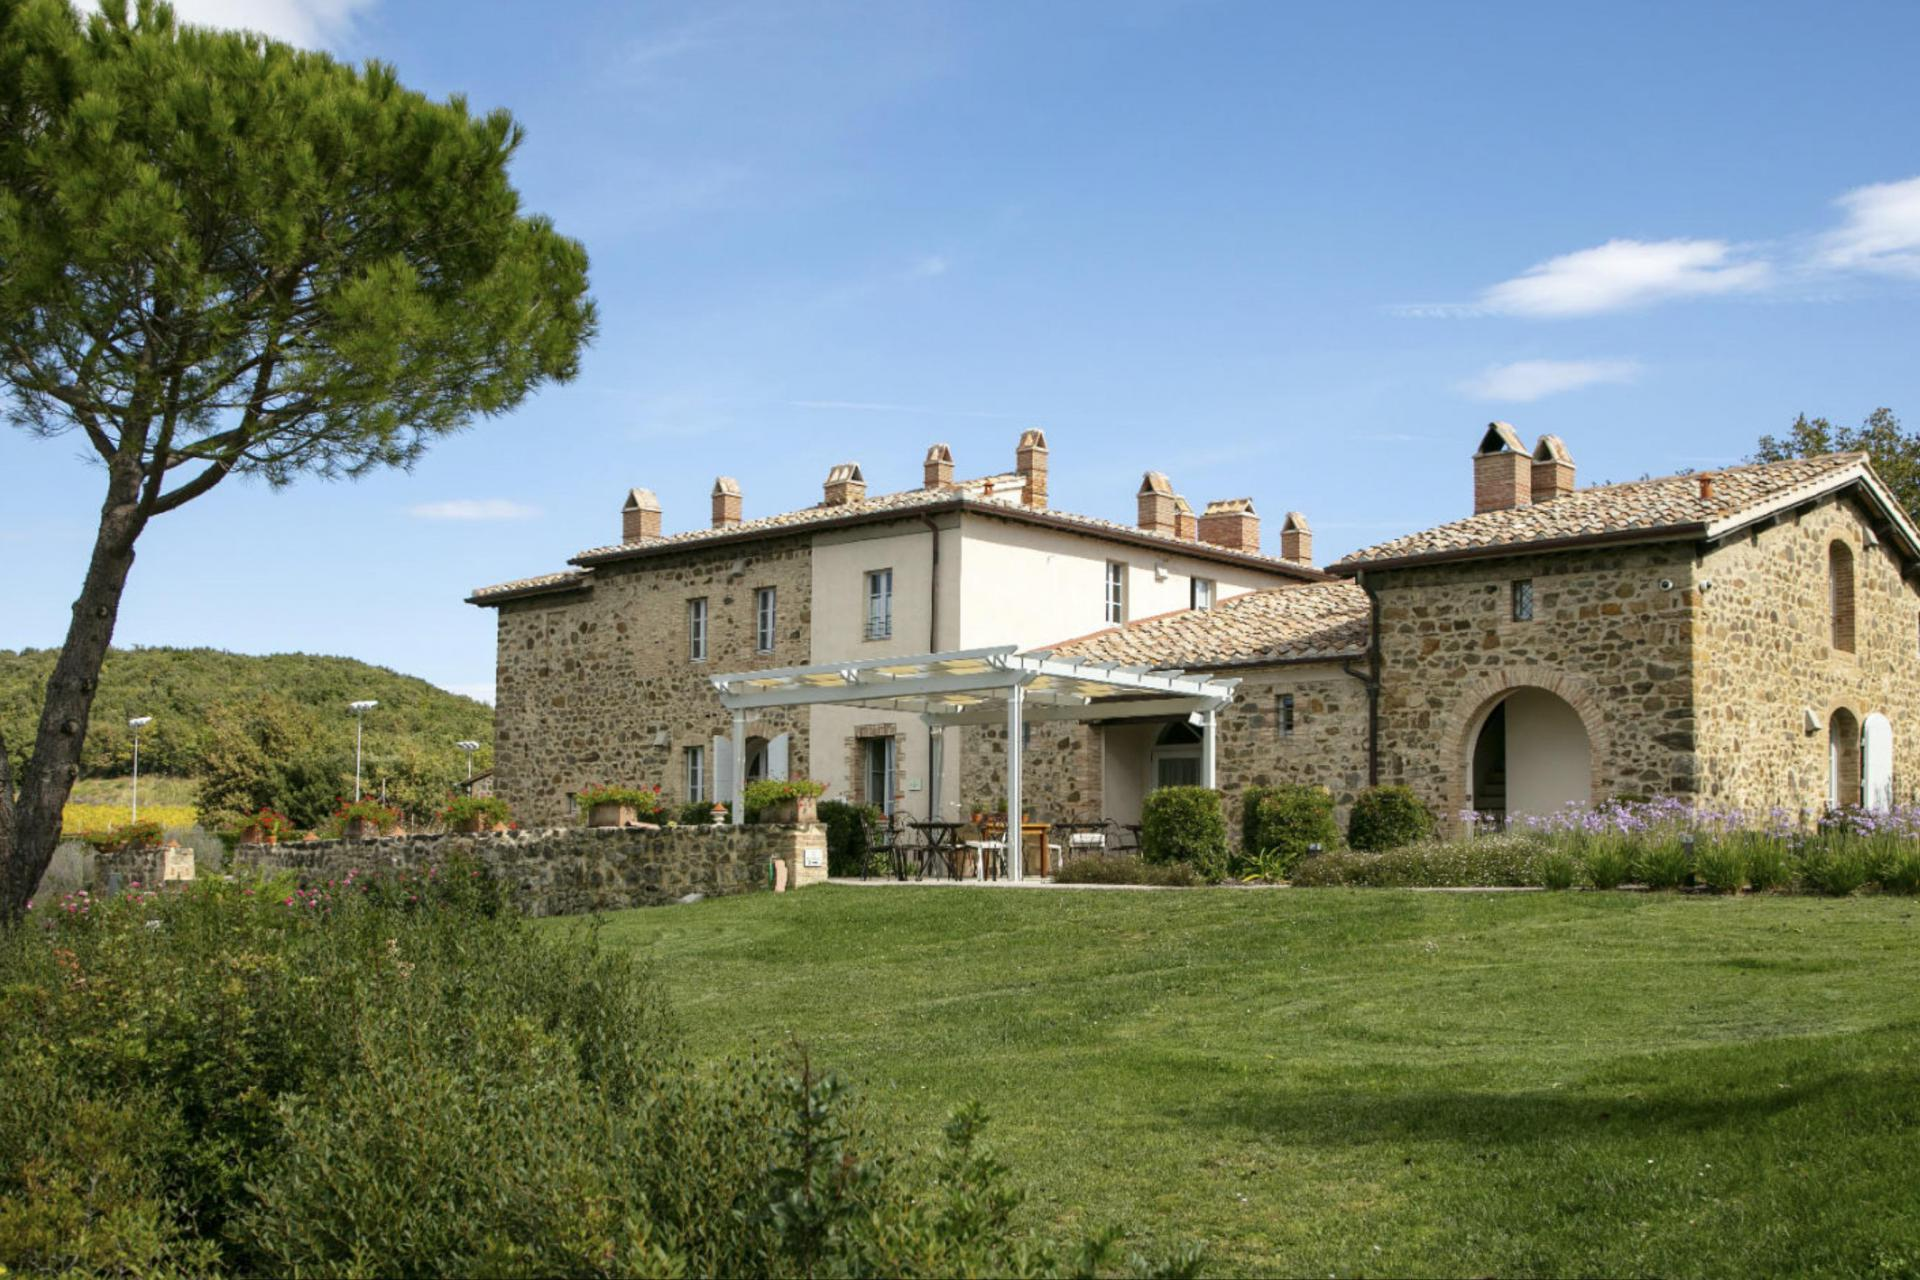 Agriturismo Toskana Wunderschöner Agriturismo, in der Nähe von Montalcino gelegen